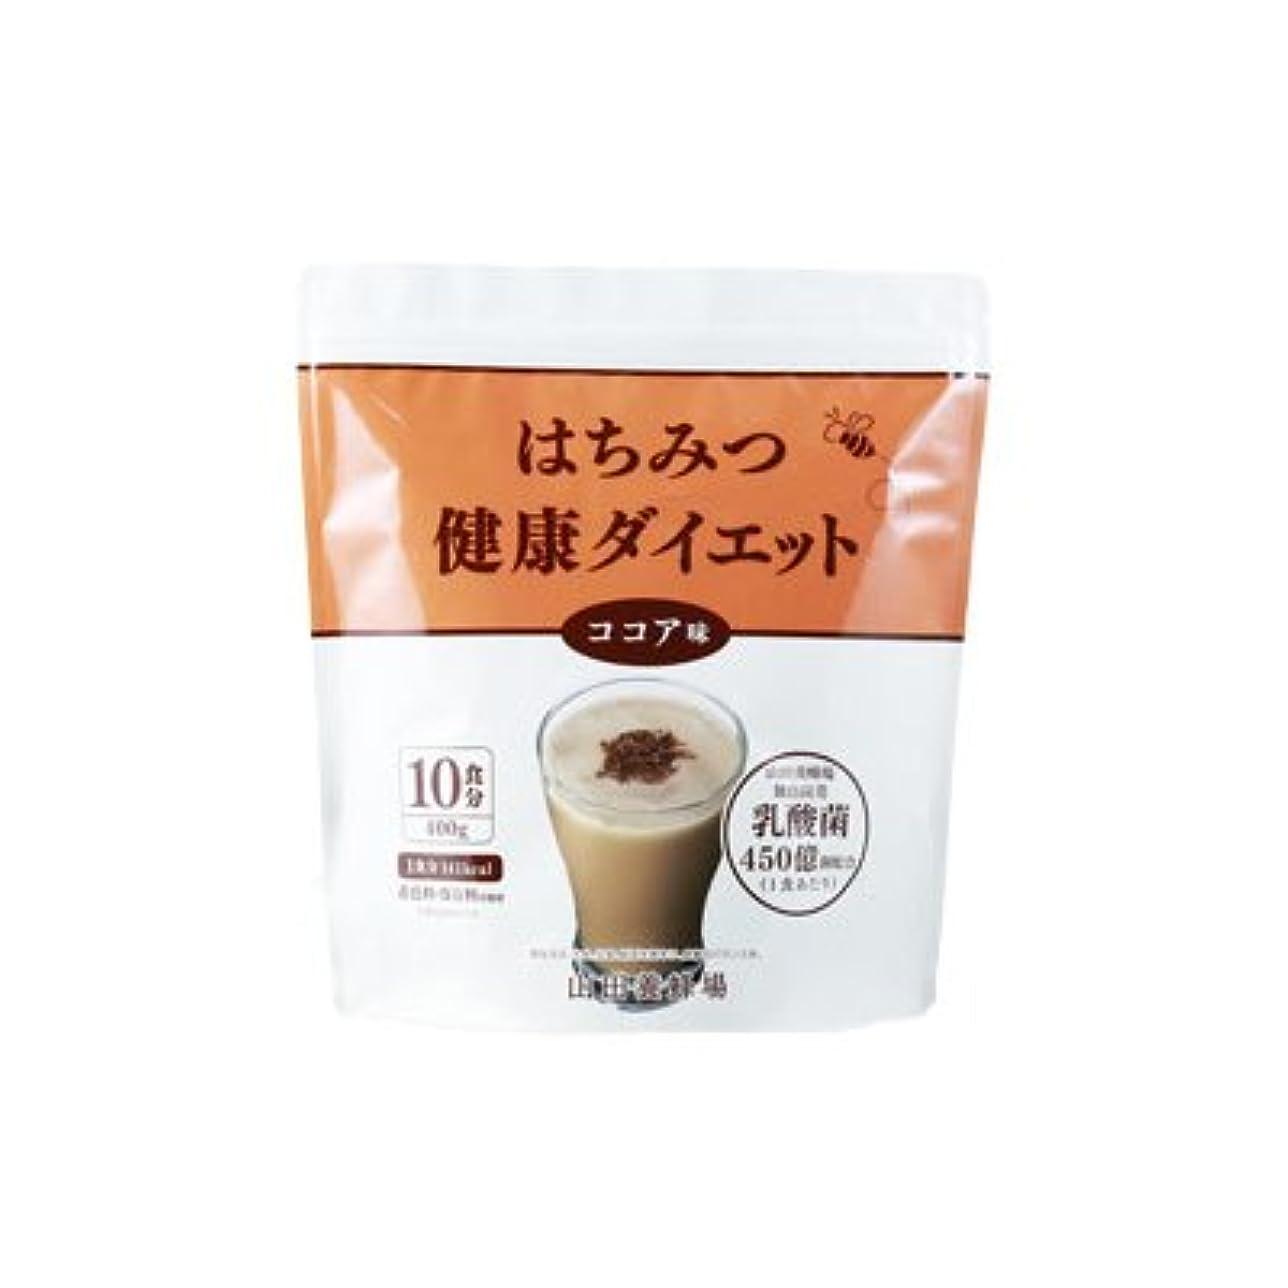 意気込みパーツつかむはちみつ健康ダイエット 【ココア味】400g(10食分)